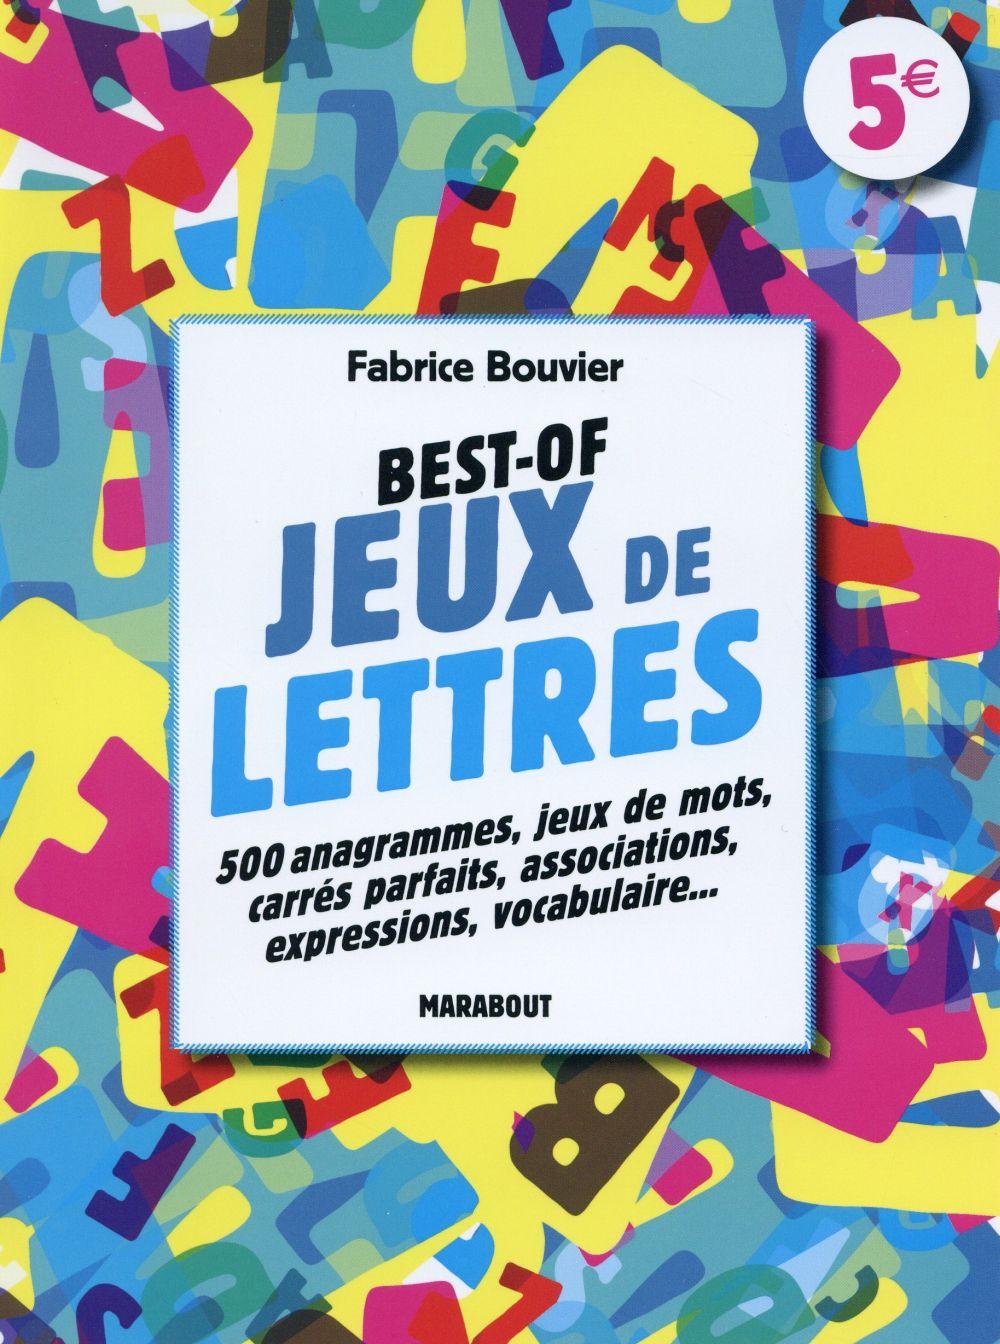 Jeux De Lettres - Fabrice Bouvier - Marabout - Grand Format - Le Hall Du  Livre Nancy destiné Jeux De Lettres Gratuits